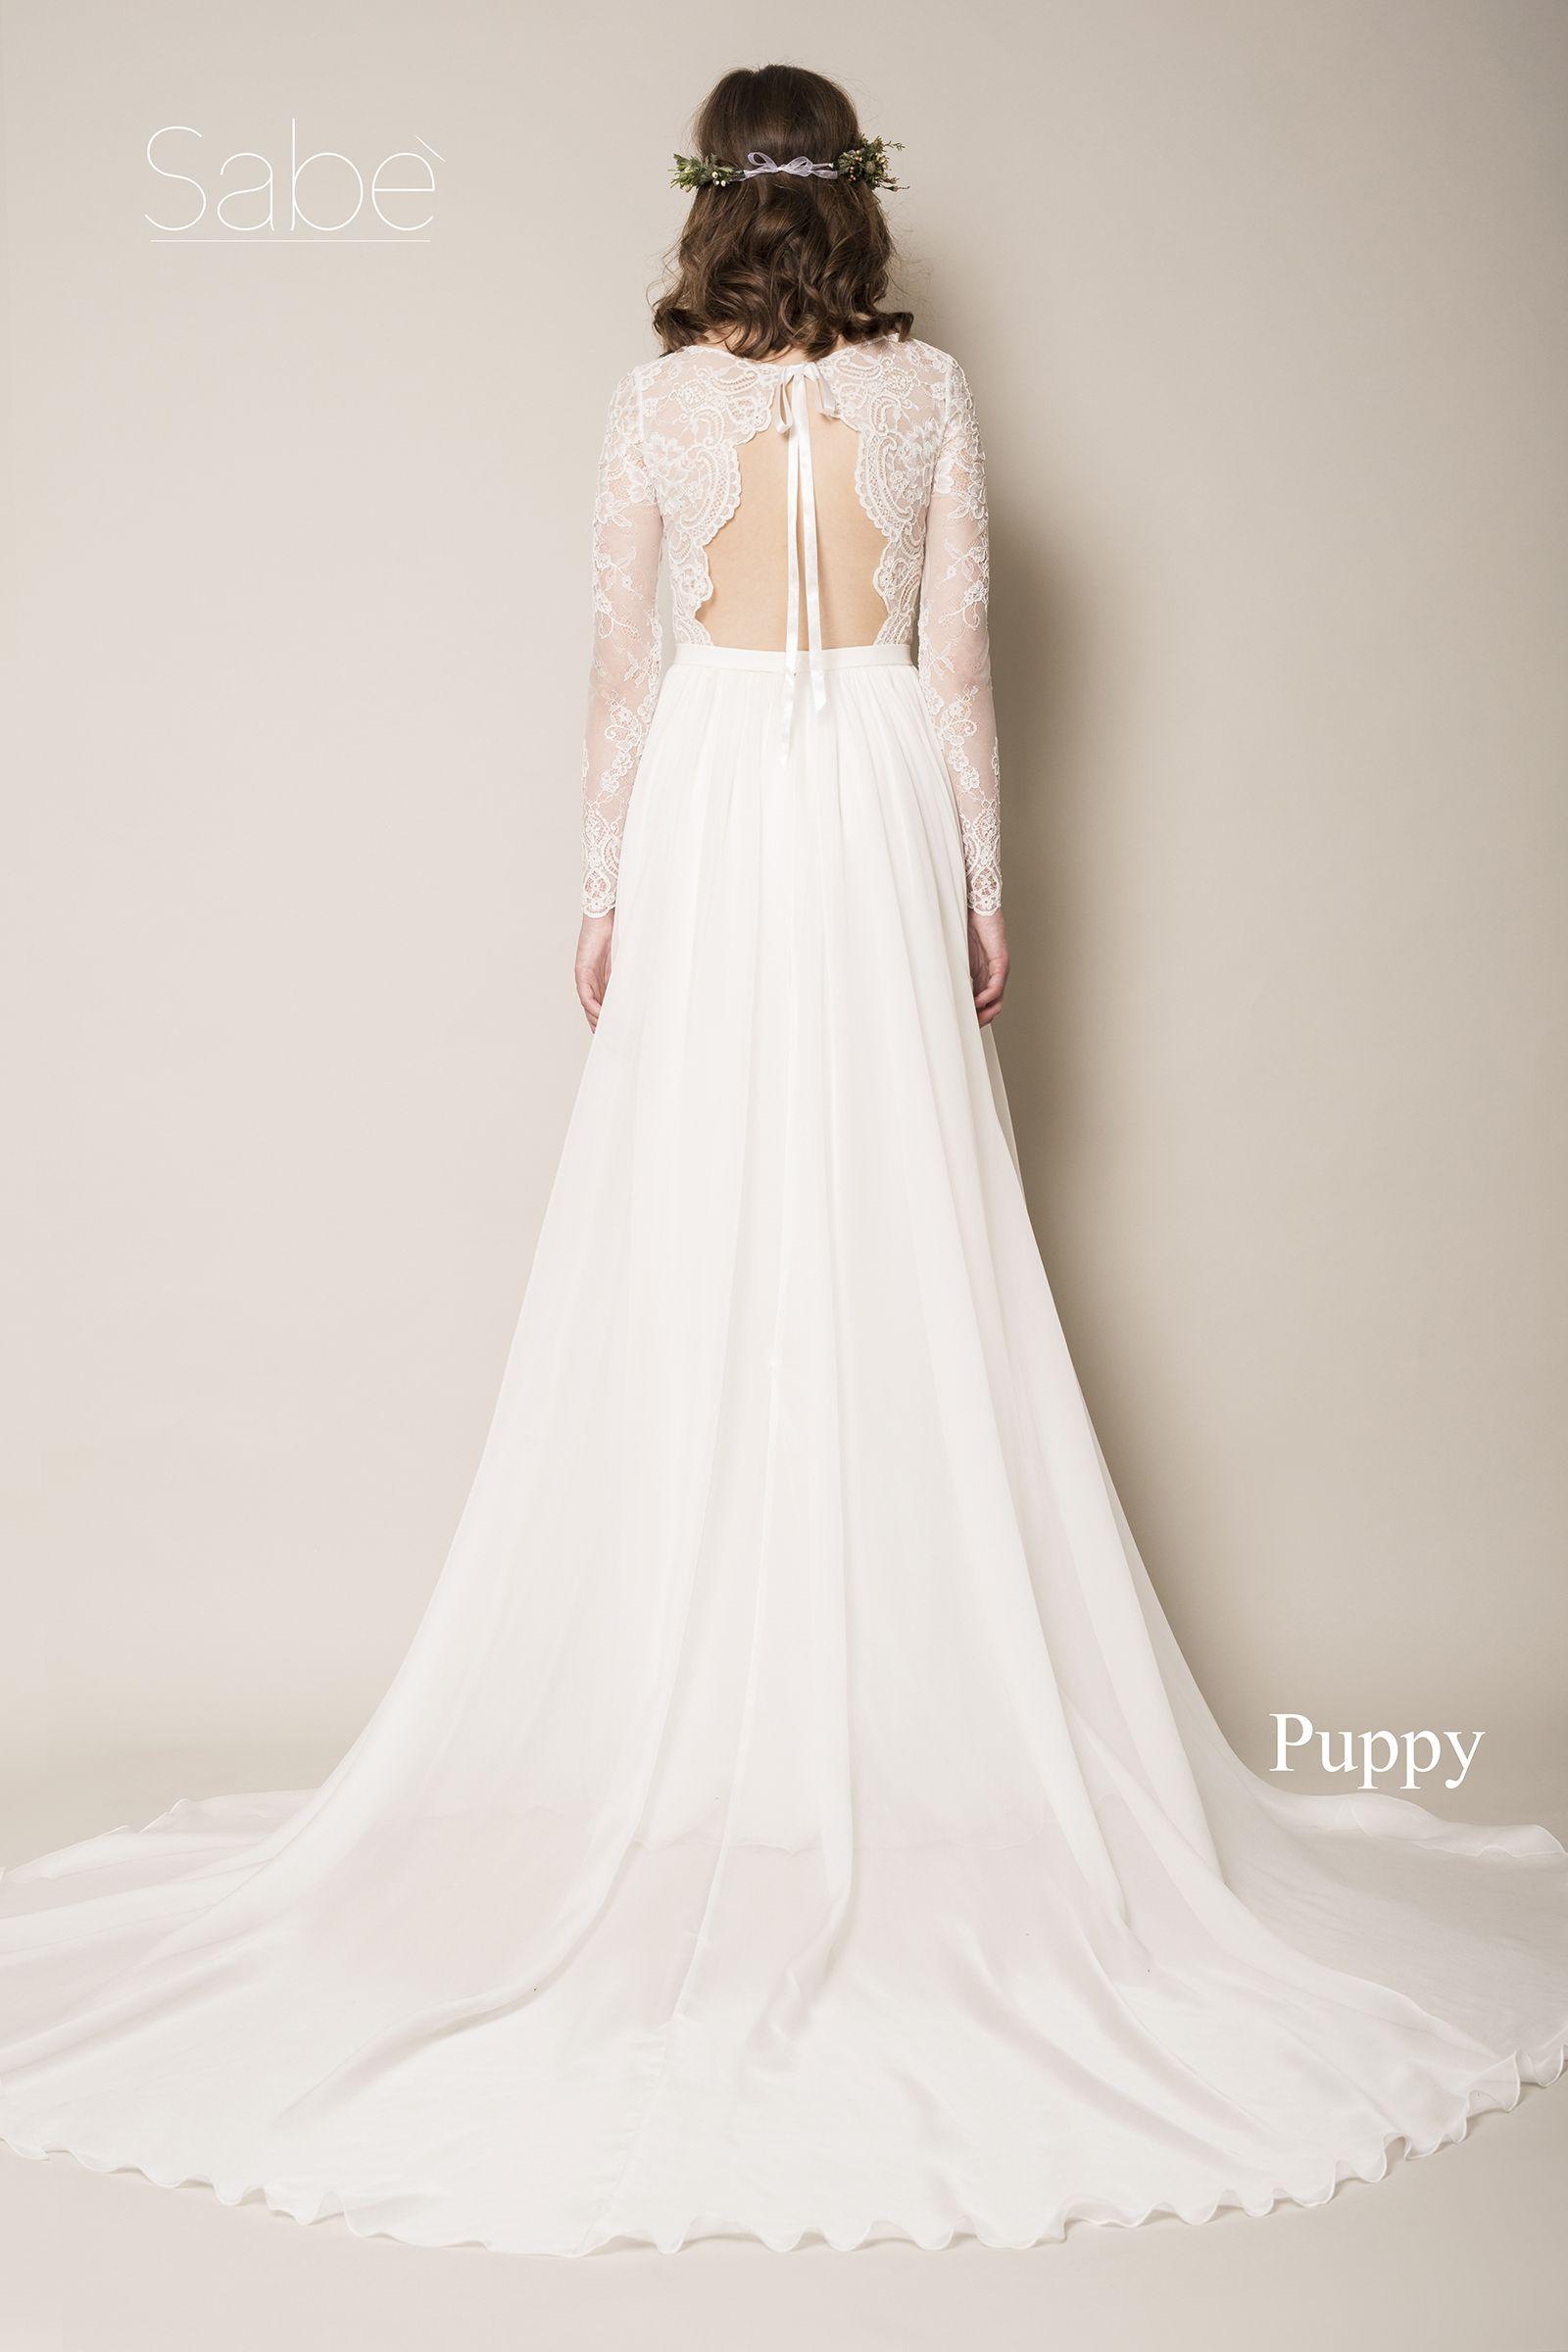 Boho wedding dress with sleeves  wedding dress laceback kniesabe boho bride boho wedding